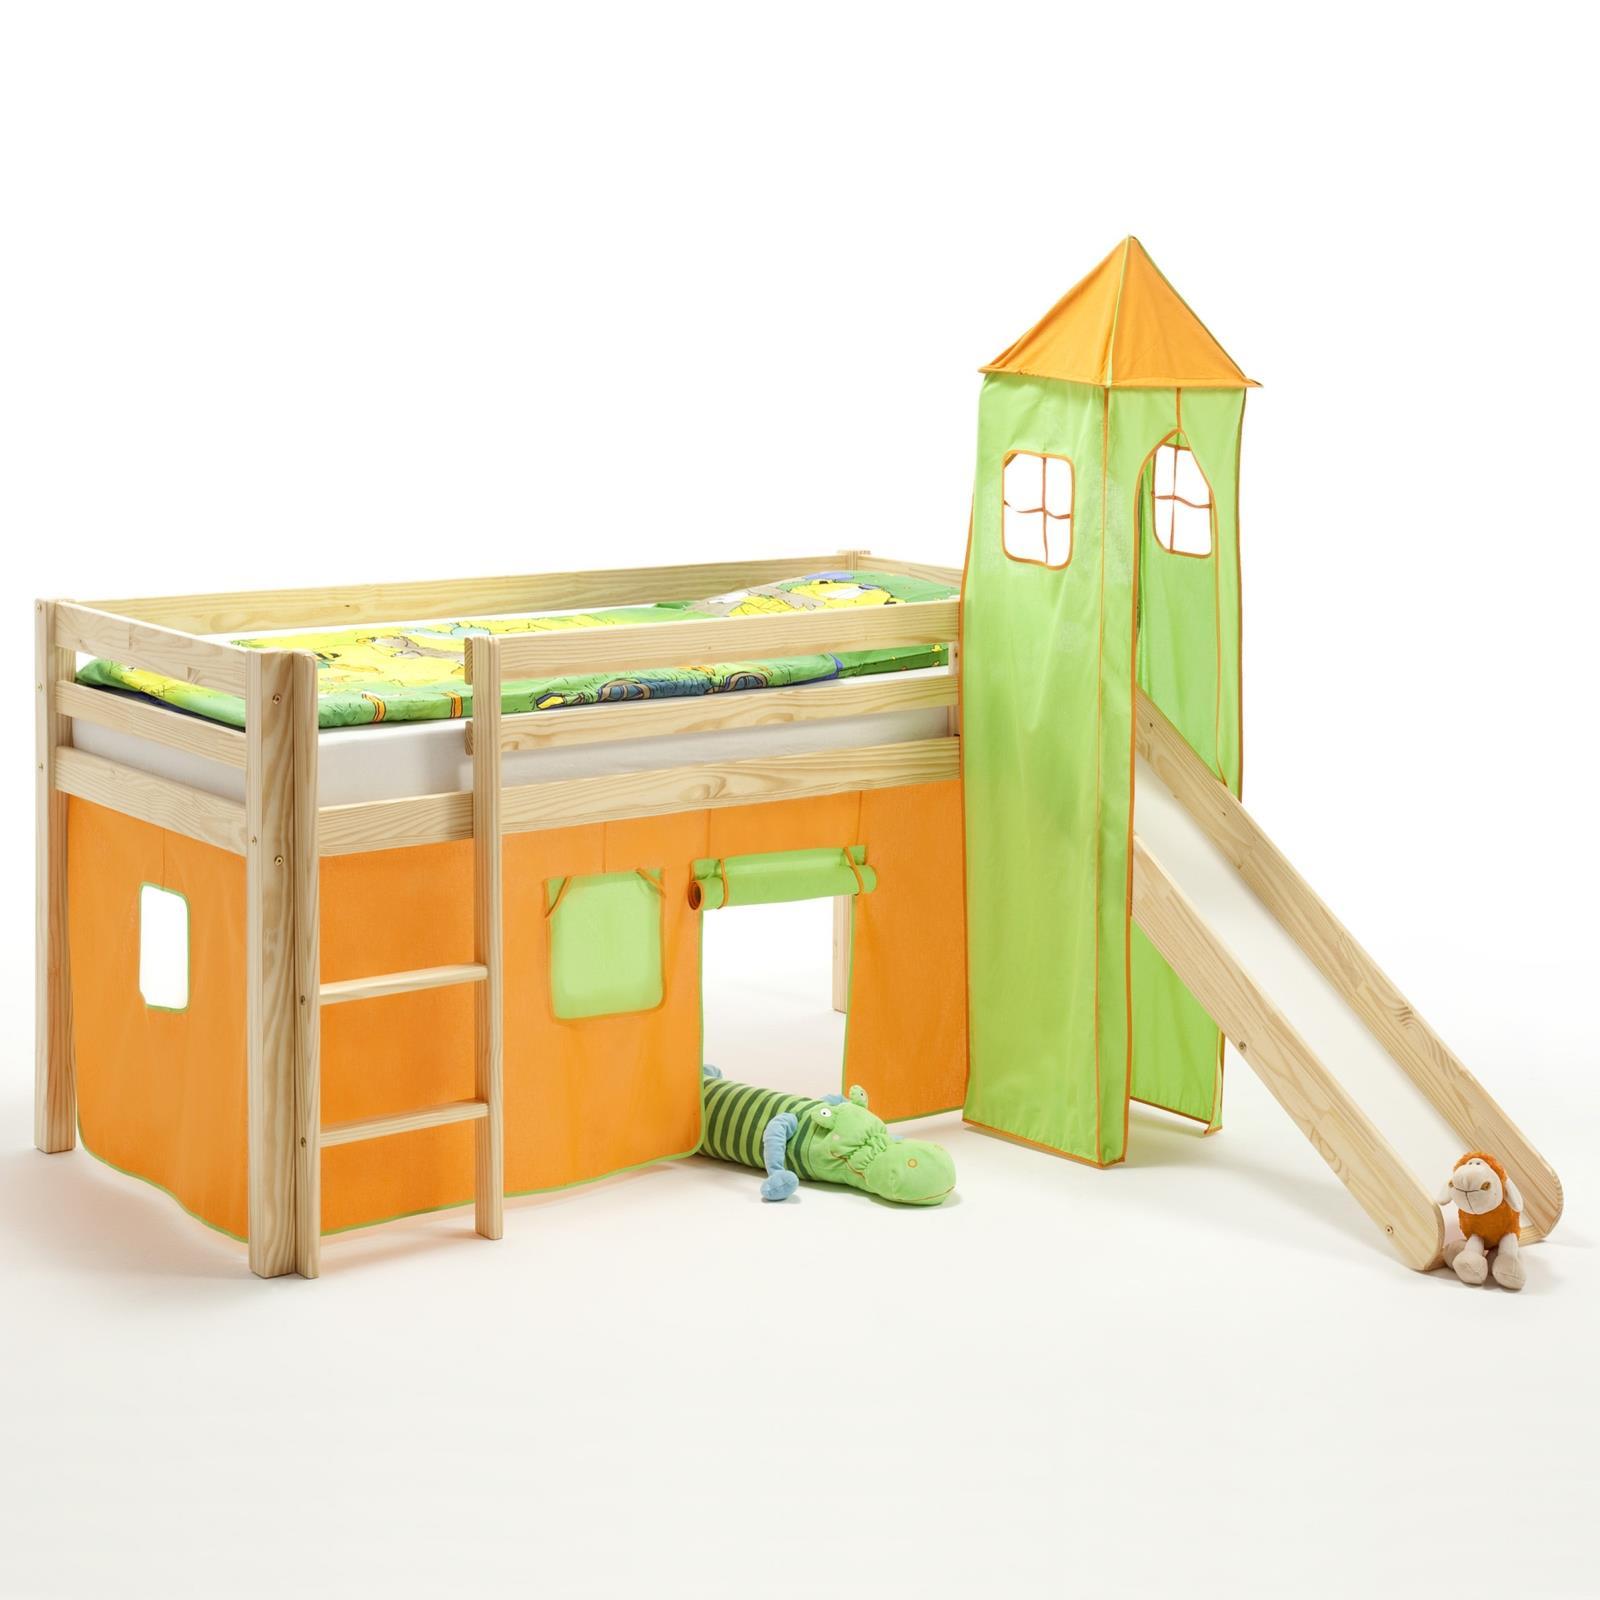 Rutschbett mit Vorhang uTurm orangegrün  CAROMöbel